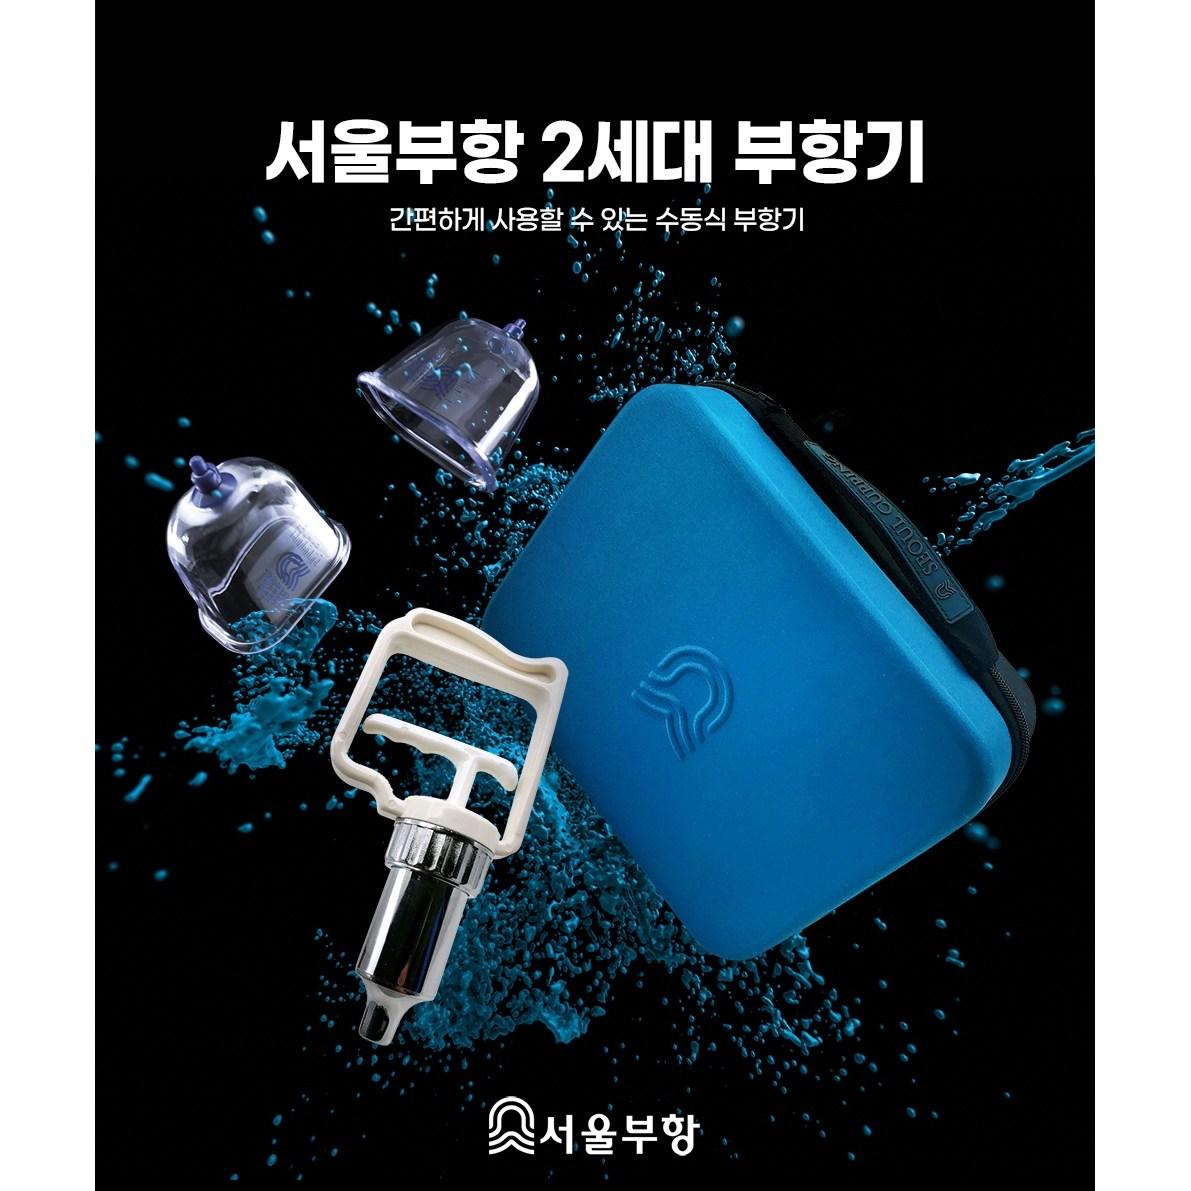 서울부항 2세대 부항세트 - 부항컵 30개+부항펌프, 2세대부항30세트